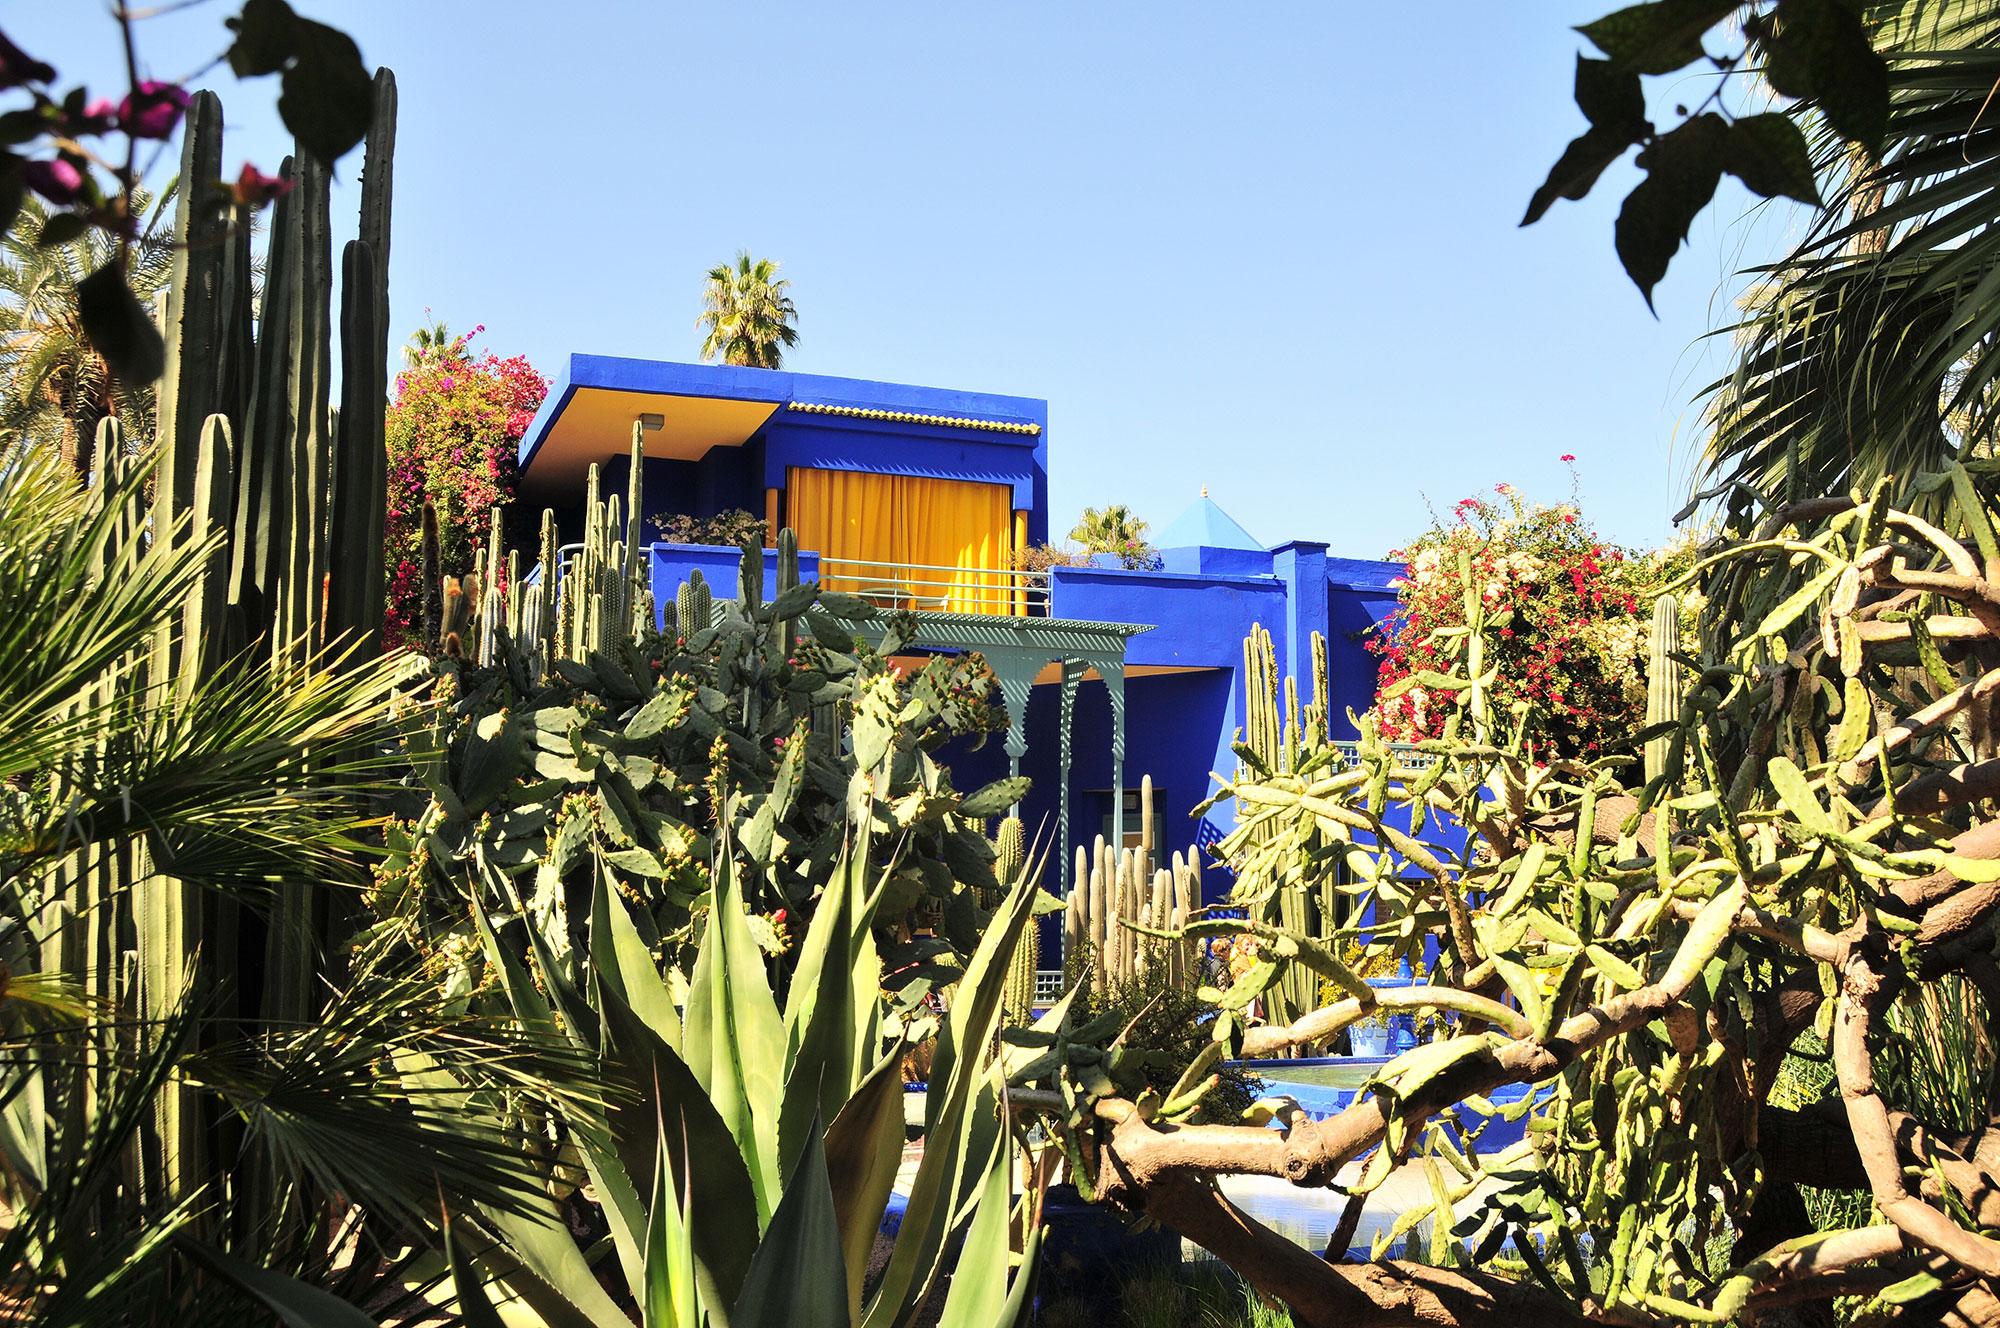 Jardin oasis palmier, arbres fruitiers, bassin avec nénuphars et batîment bleu et jaune en fond